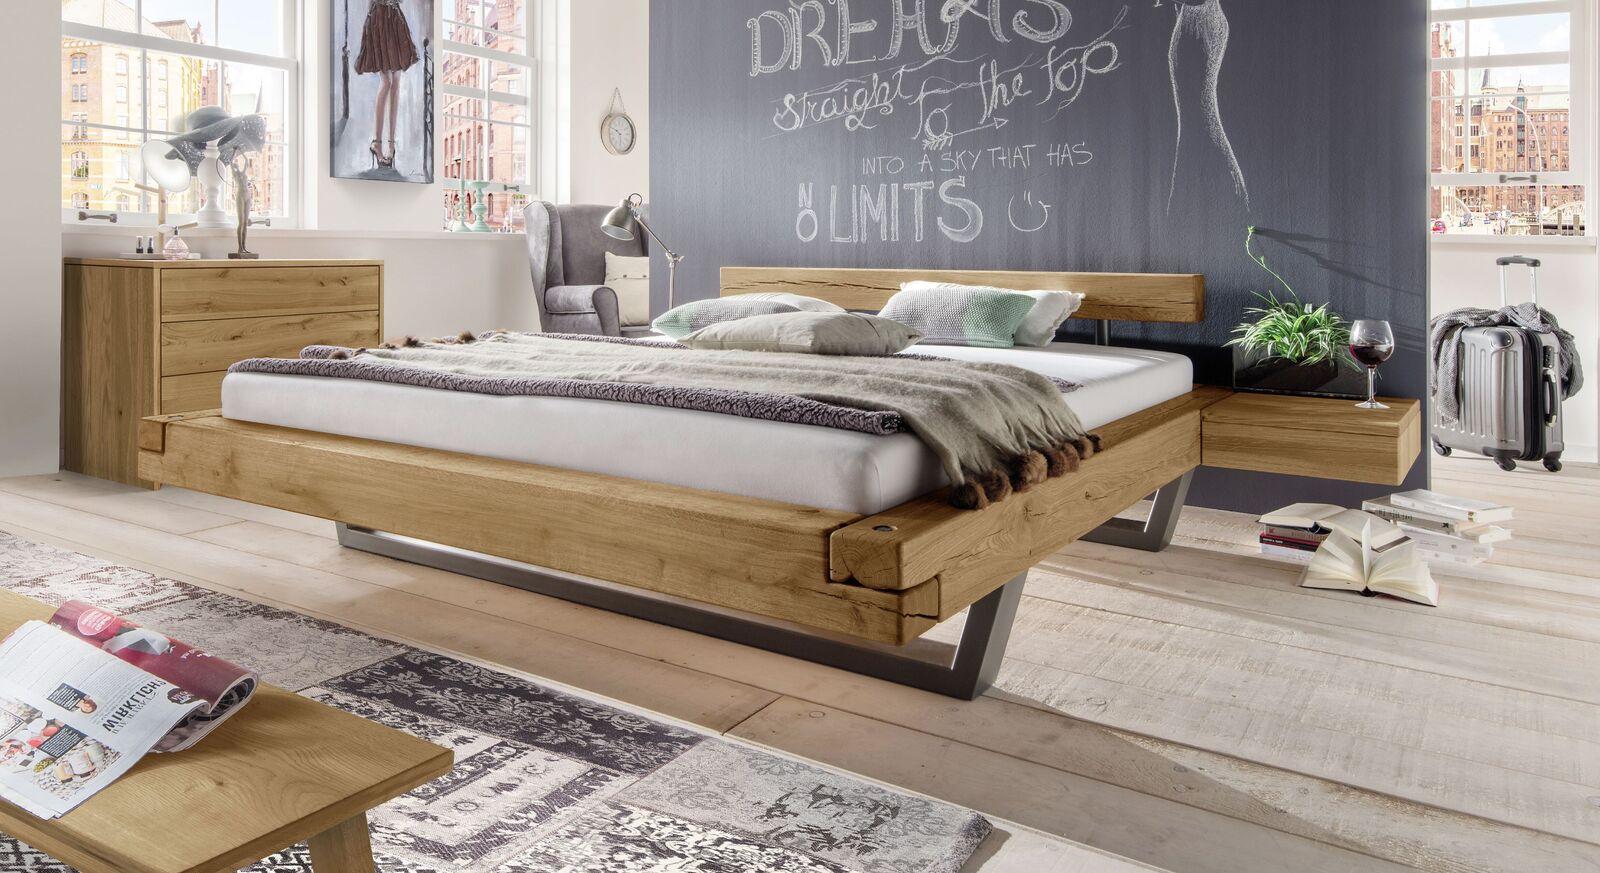 Bett Darica mit passendem Schlafzimmer-Zubehör